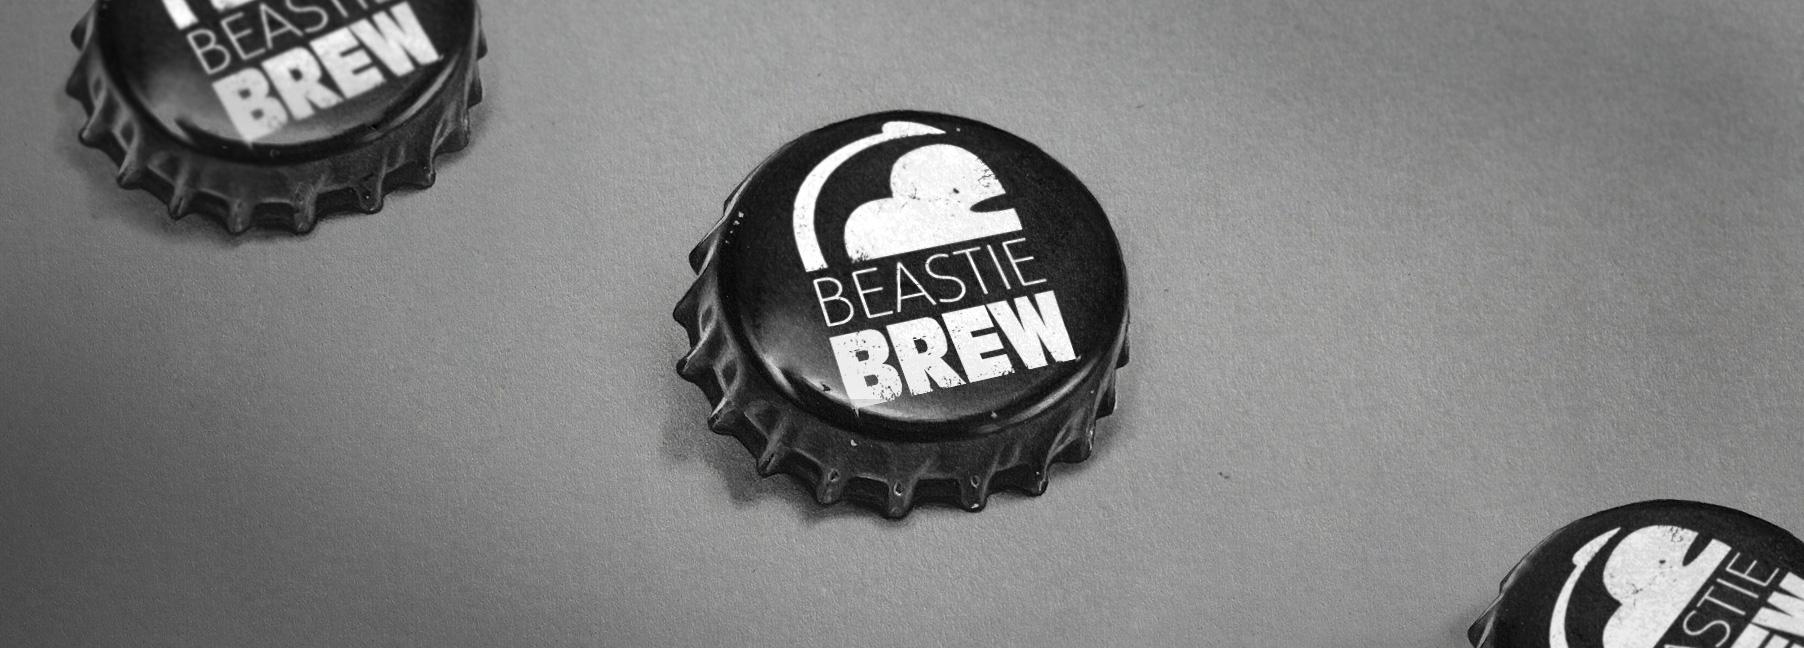 Beasty-beer